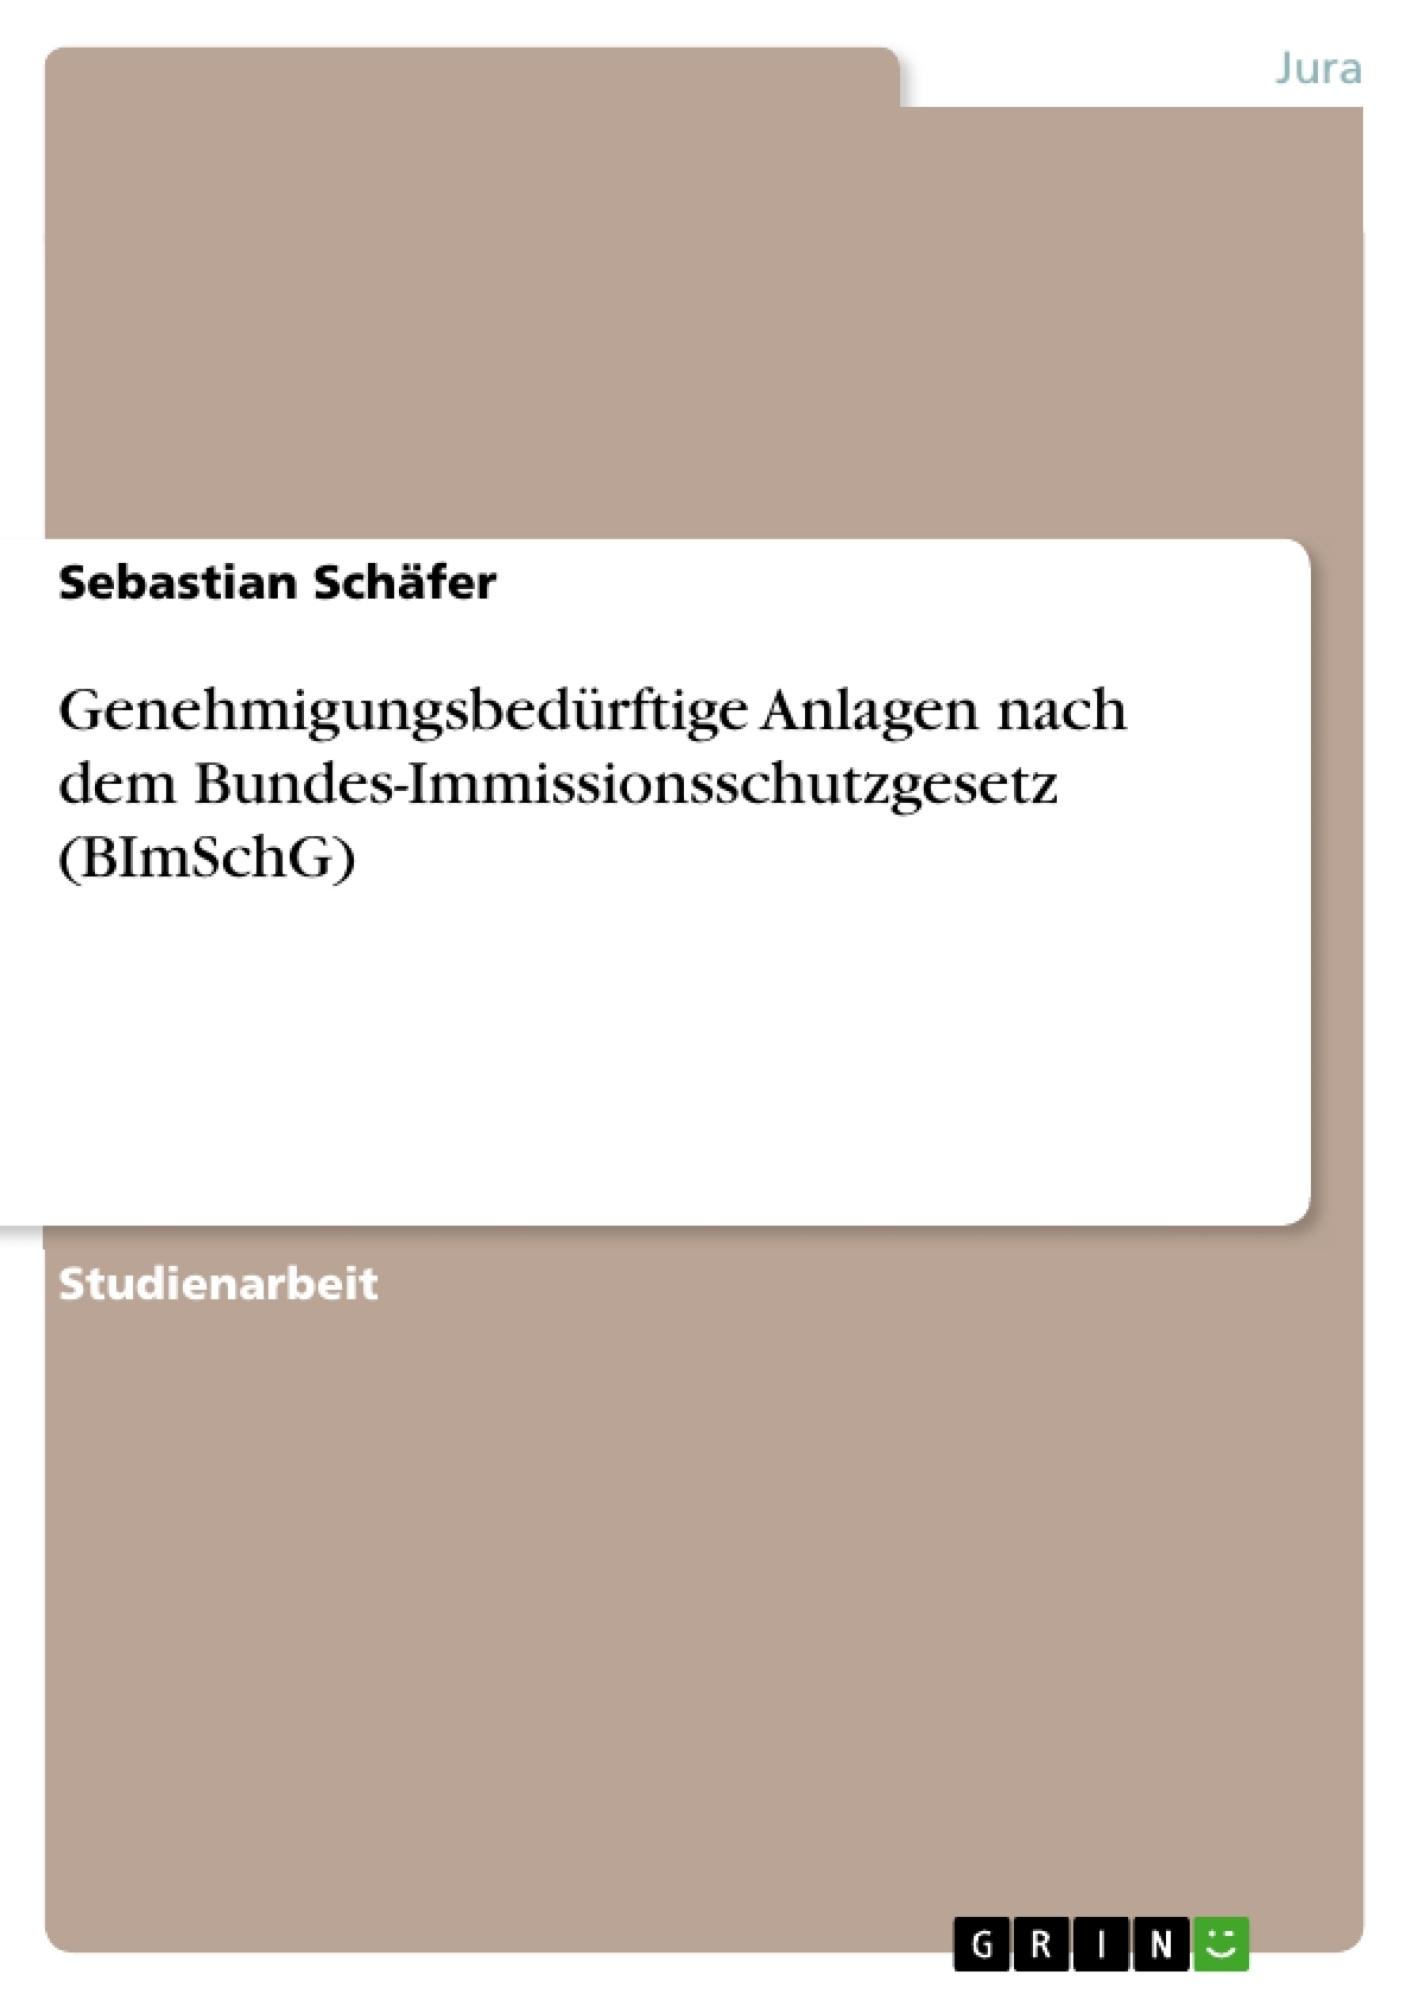 Titel: Genehmigungsbedürftige Anlagen nach dem Bundes-Immissionsschutzgesetz (BImSchG)